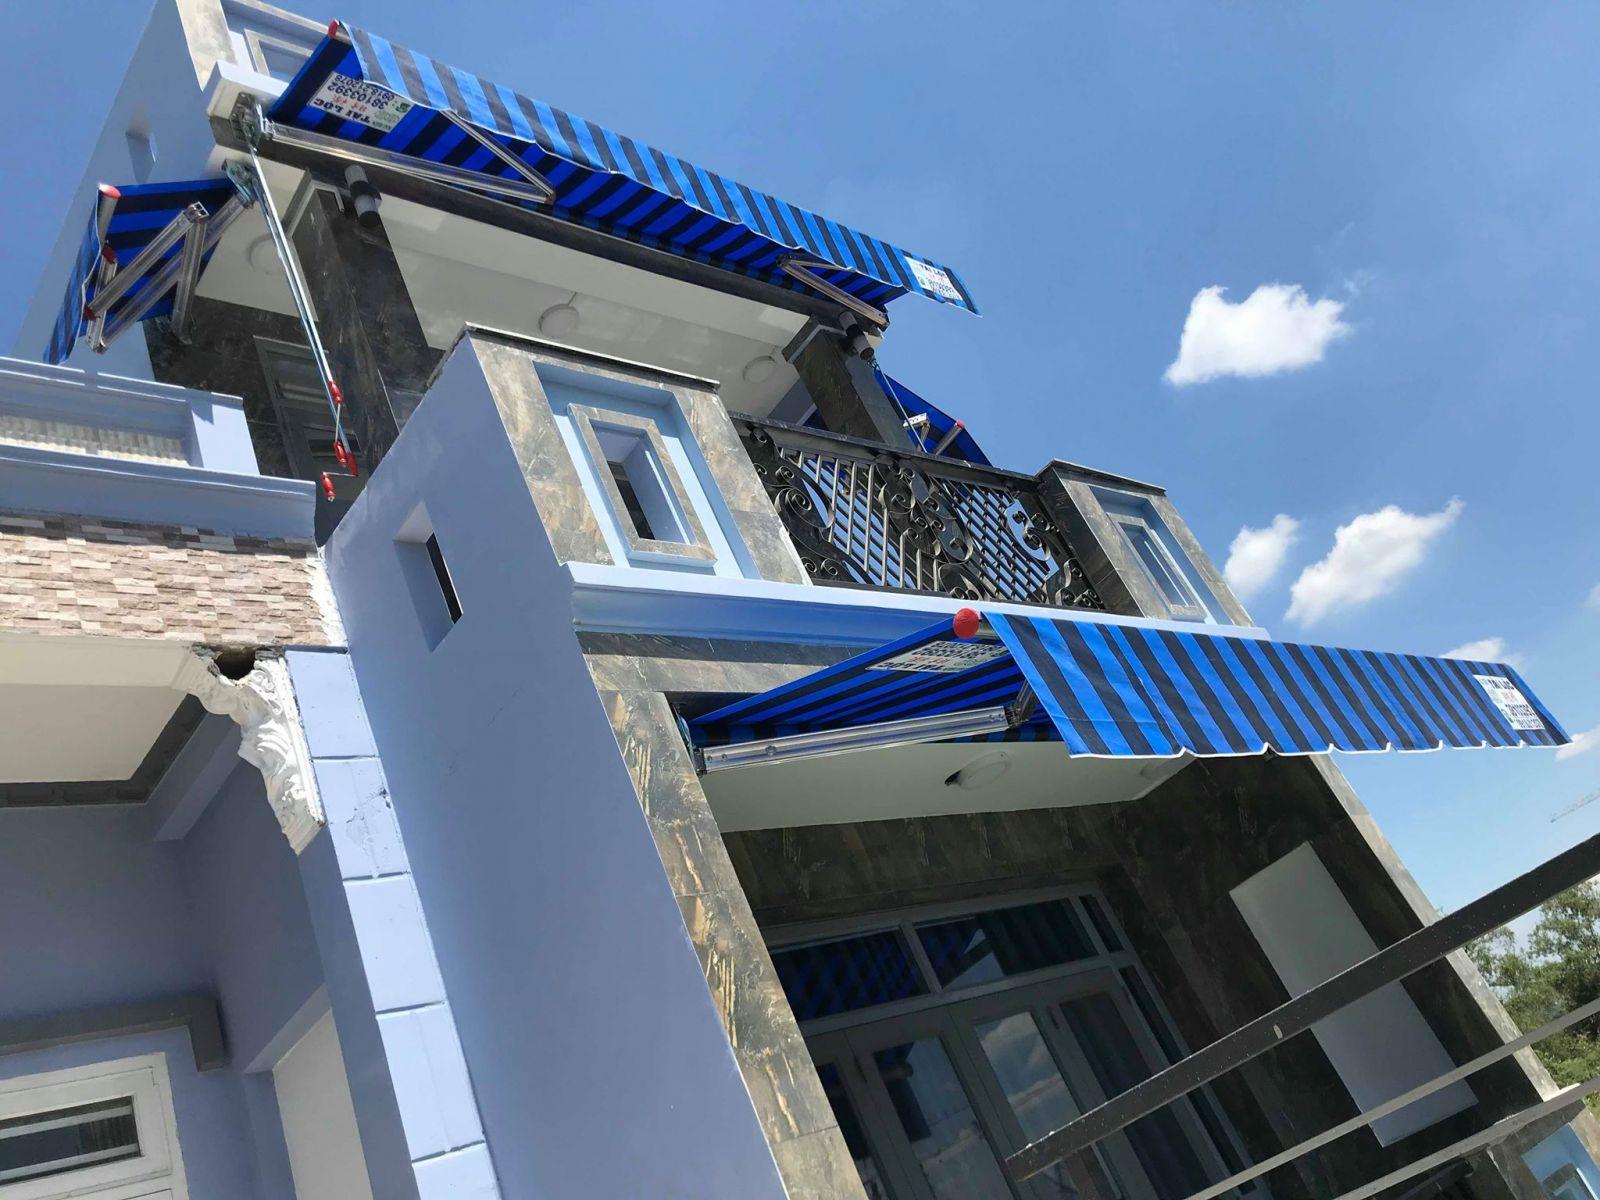 báo giá thiết kế lắp đặt mái che di động cửa hàng, mái xếp bạt kéo lượn sóng cửa hàng